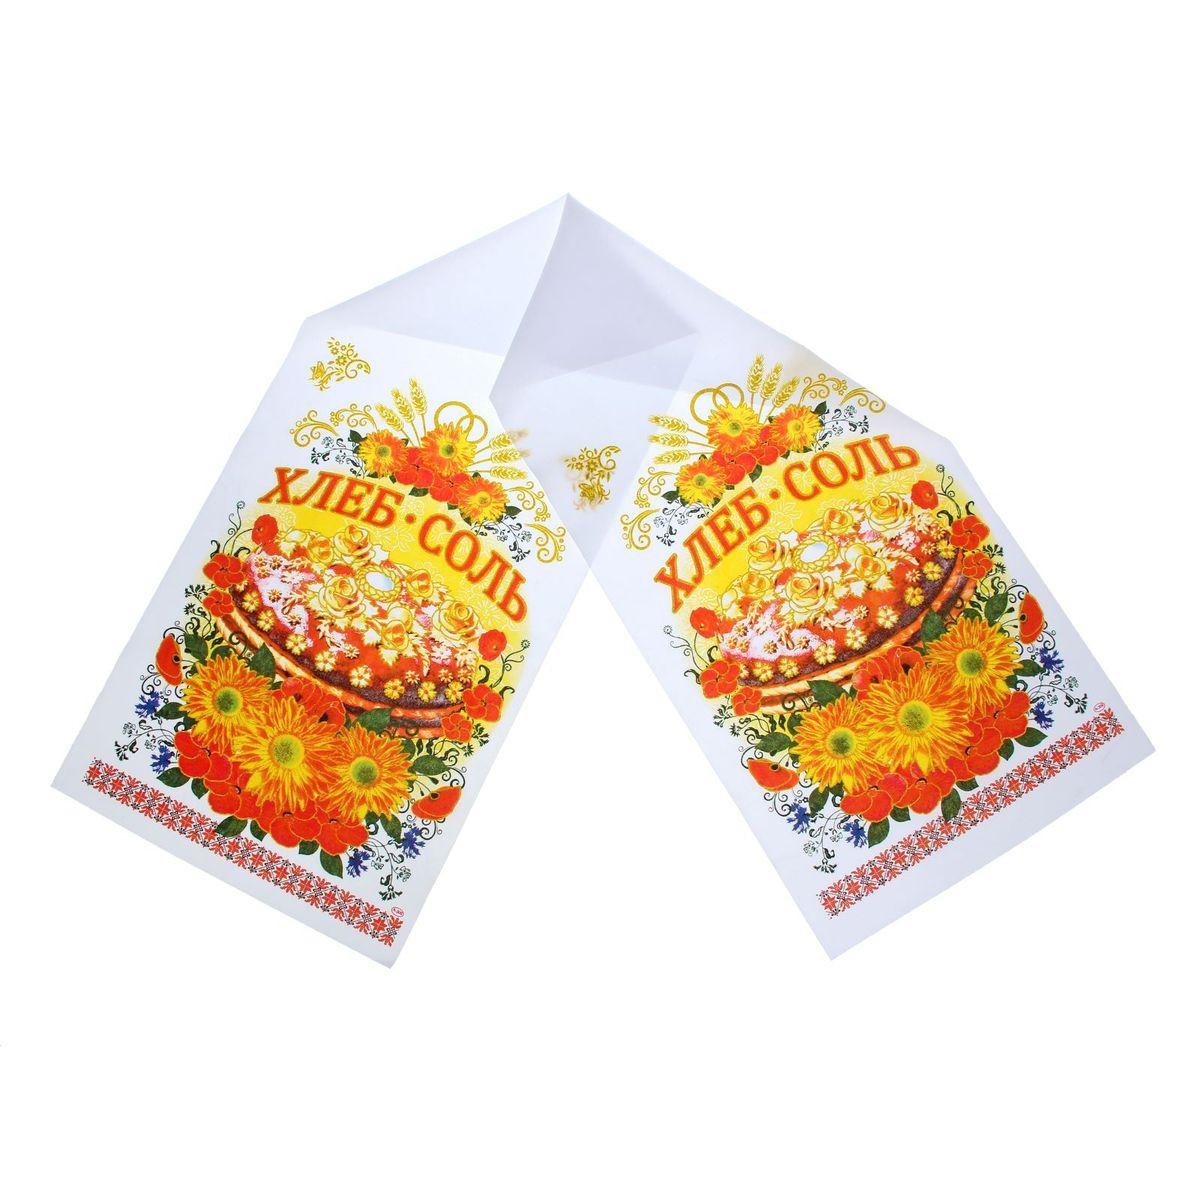 Рушник Sima-land Хлеб-соль, цвет: мульти, 150 х 36 см. 11347611134761Рушник  Хлеб-соль, 150 х 36 см предназначен для встречи родителями молодожёнов хлебом и солью и символизирует нерушимую связь двух любящих сердец.Этот традиционный сувенир оберегает от порчи и сглаза, приносит в дом мир и покой.Рушник изготовлен из ткани и украшен ярким орнаментом.Символические узоры, используемые для вышивания таких аксессуаров, означают:крест является символом света, солнца, счастья и добра;корона - божье благословение;пара голубей, павлинов, лебедей означает верную любовь и семейное счастье;ласточка - хорошие вести и крепкое хозяйство;дерево жизни - важный символ, обозначающий бесконечность и процветание рода, взаимосвязь поколений, традиции семьи;веночки вышивают незамкнутыми, так как они означают жизненный путь;роза - красота, любовь, процветание; если с бутонами, то пожелание иметь детей;лилия - невинность, женская красота и чистота, обычно изображается с бутонами и листьями, что означает молодую семью, продолжение жизни в детях;мак - сохранение и продолжение рода, защита от зла, благополучие;дуб - мужской символ, обозначающий силу, энергию, жизненную стойкость;калина - дерево бесконечности рода, выносливости и надежды, символ женской верности, здоровья и красоты;виноград - символ плодовитости, трудолюбия, достатка, радости создания семьи.